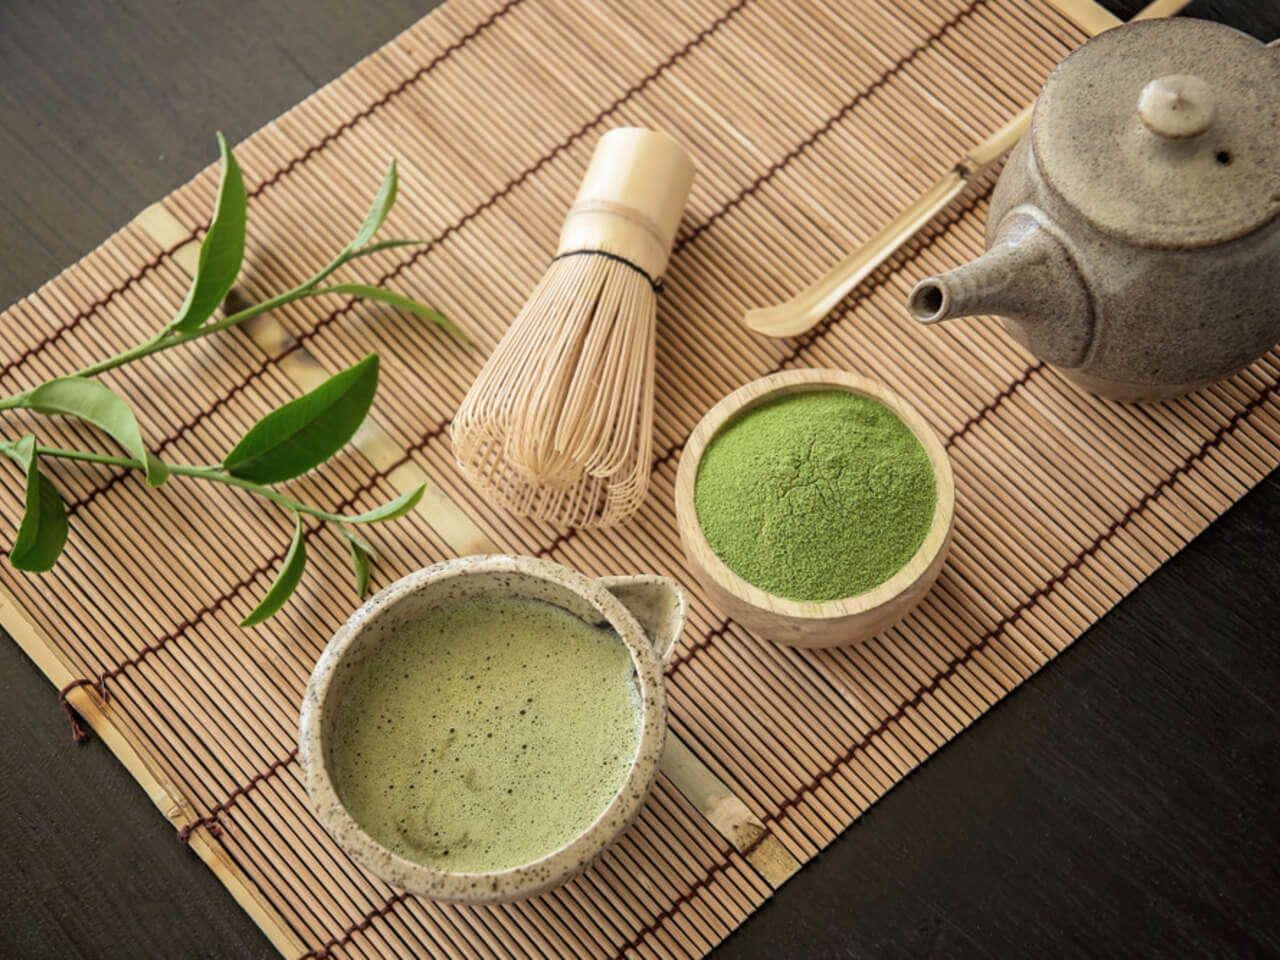 Kouzlo zeleného čaje matcha: Dodá energii, zklidní a posílí paměť